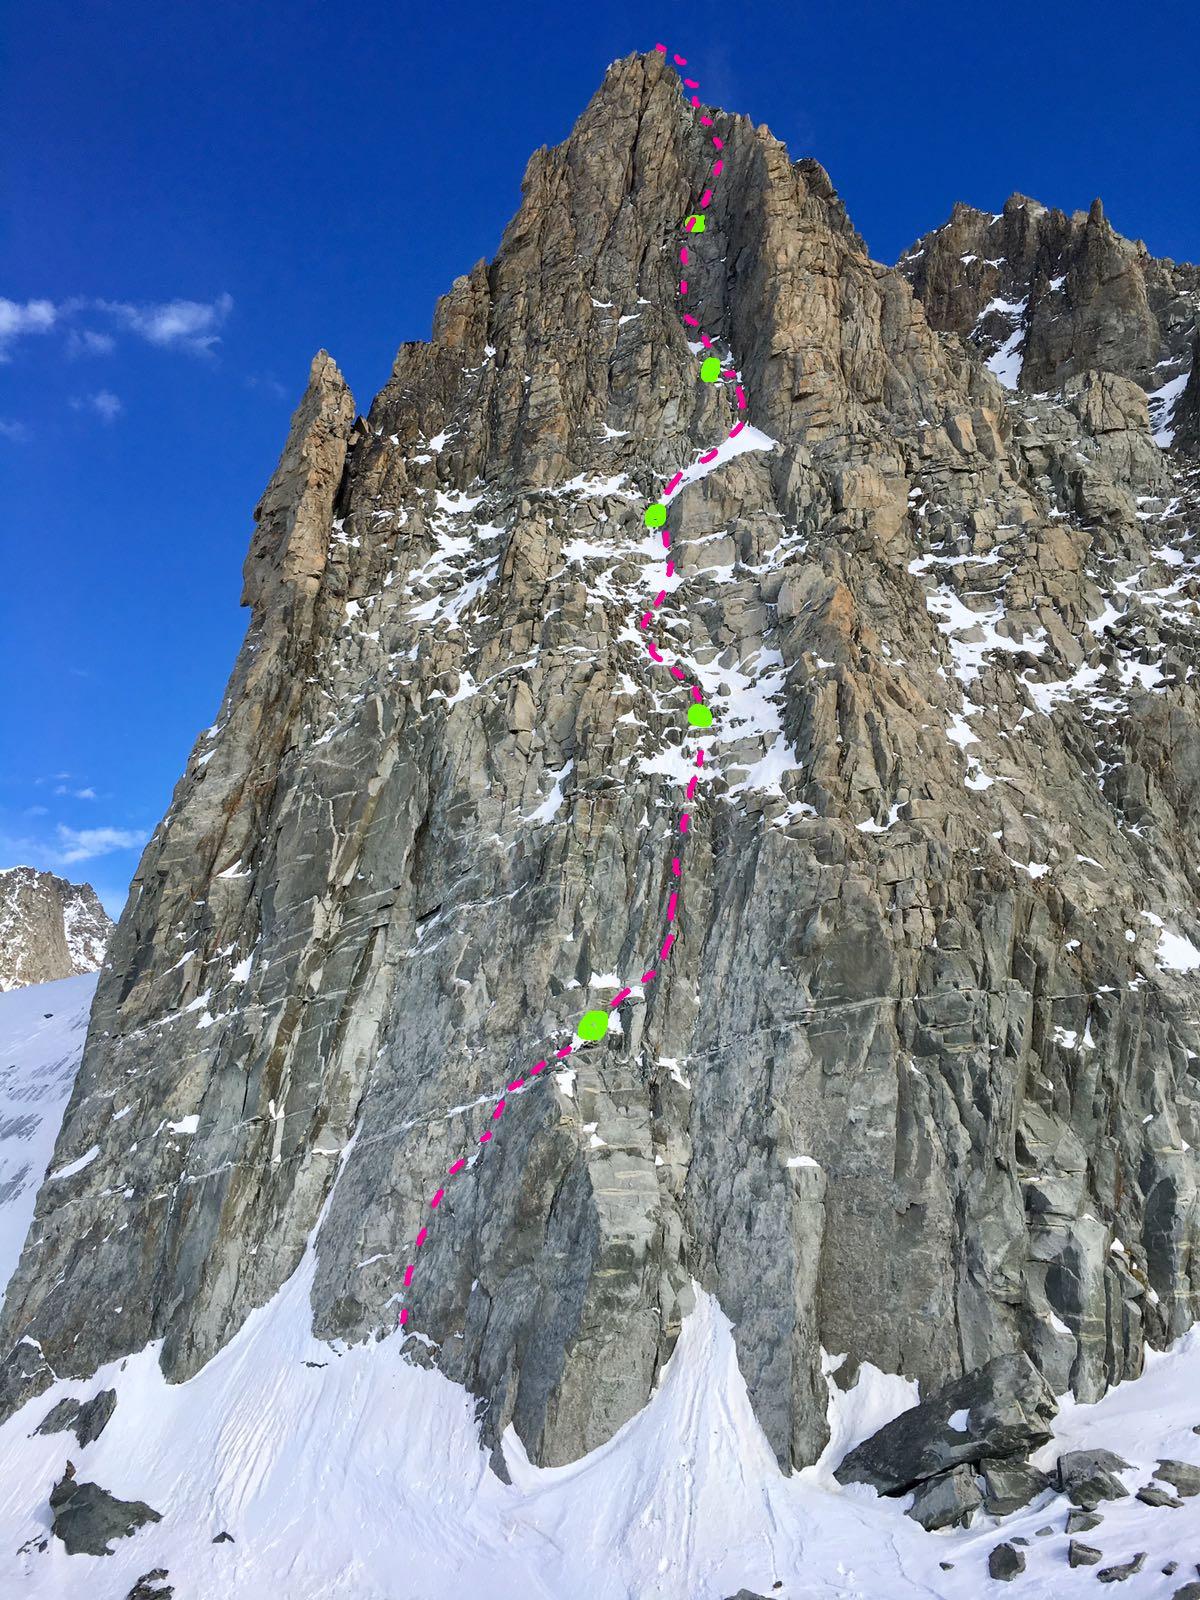 La nuova via aperta sulle Aiguilles Marbrées, massiccio del Monte Bianco